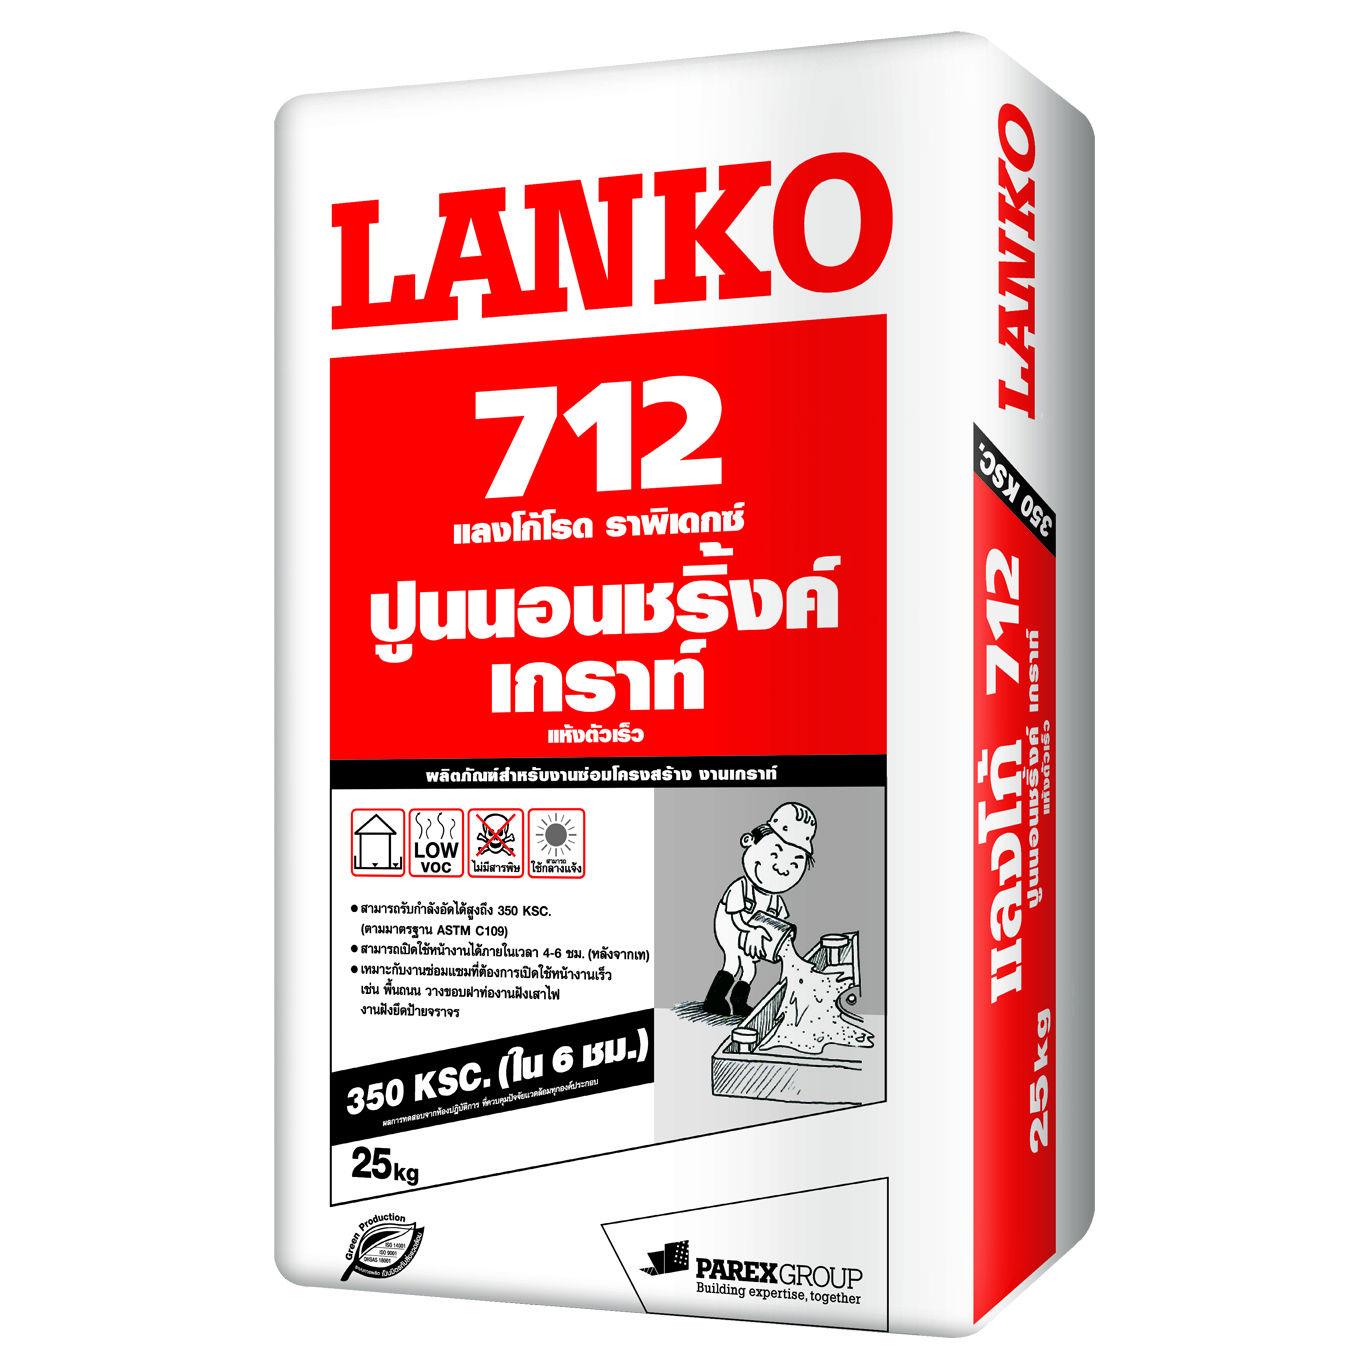 LANKO 712